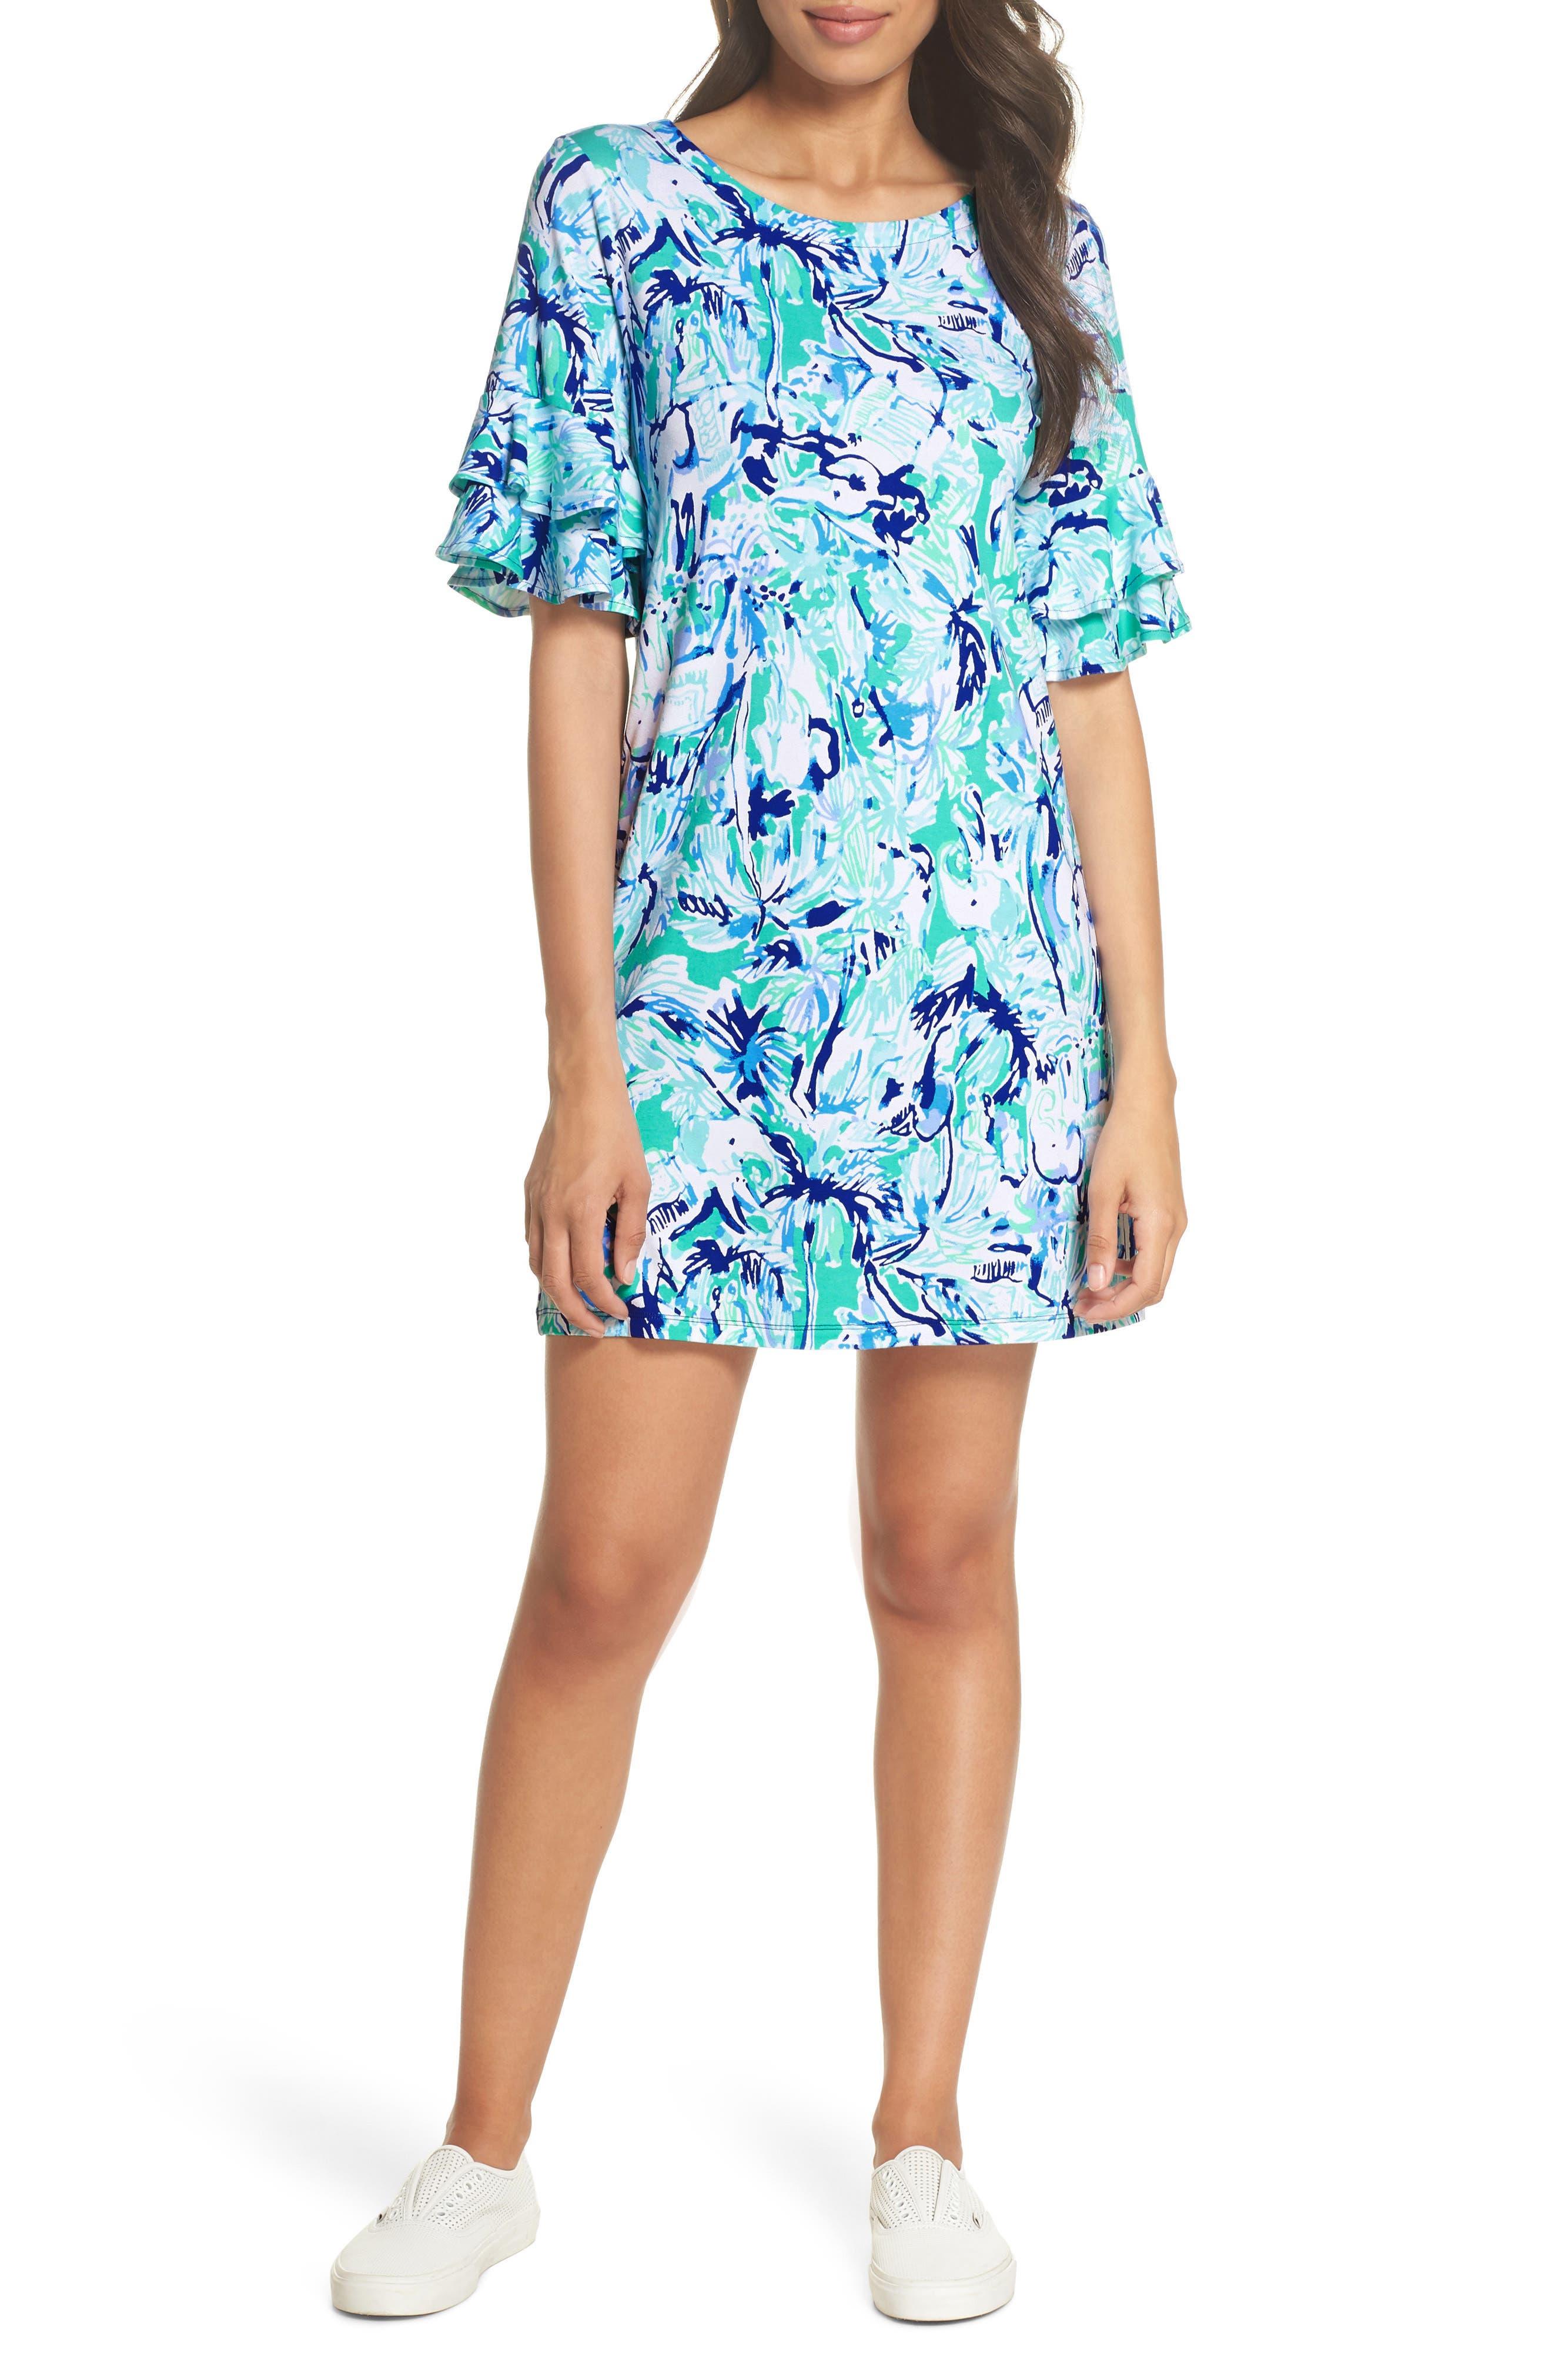 Lula Ruffle Sleeve Dress,                             Main thumbnail 1, color,                             Tropical Turquoise Elephant